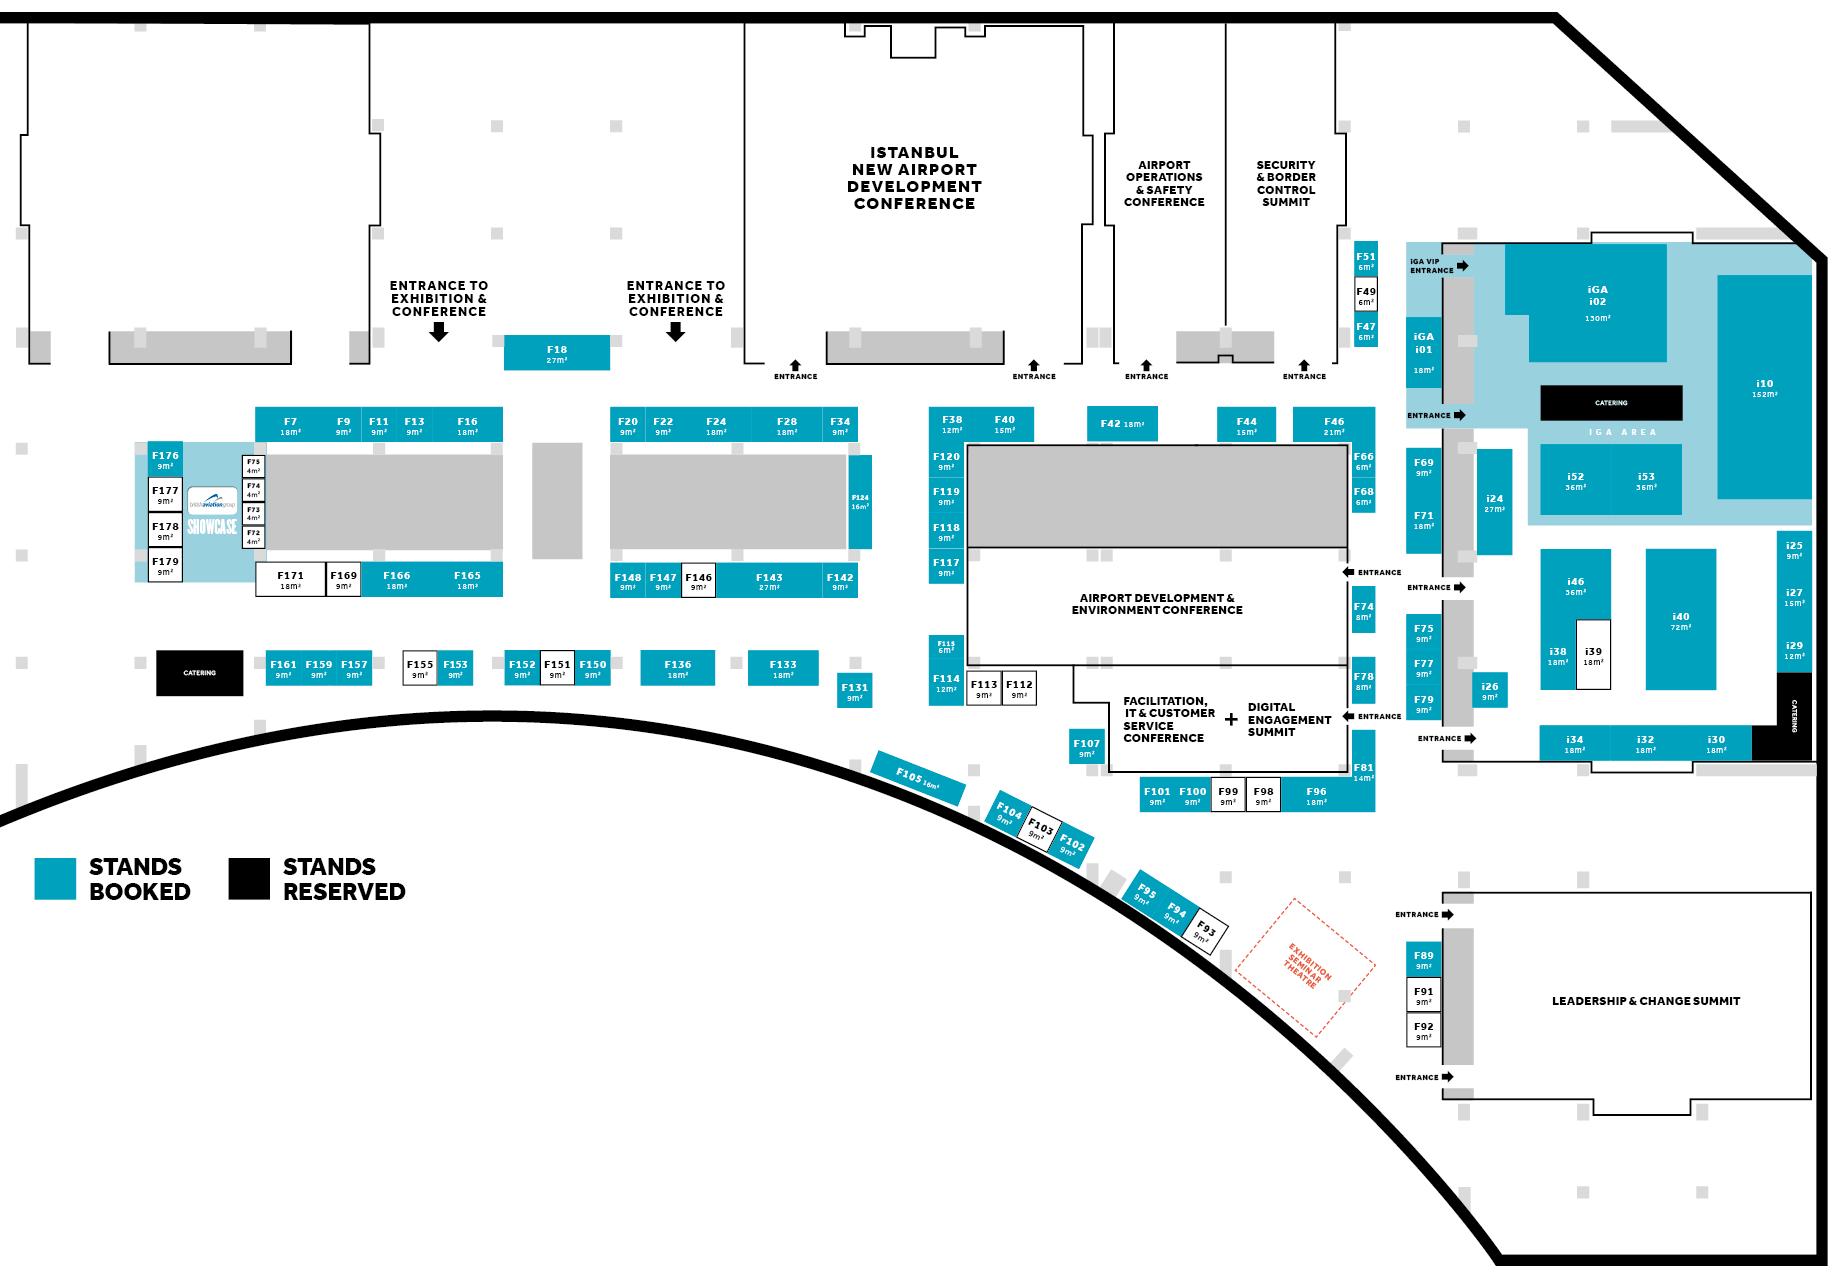 apex-2015-floor-plan-23-11-201-large